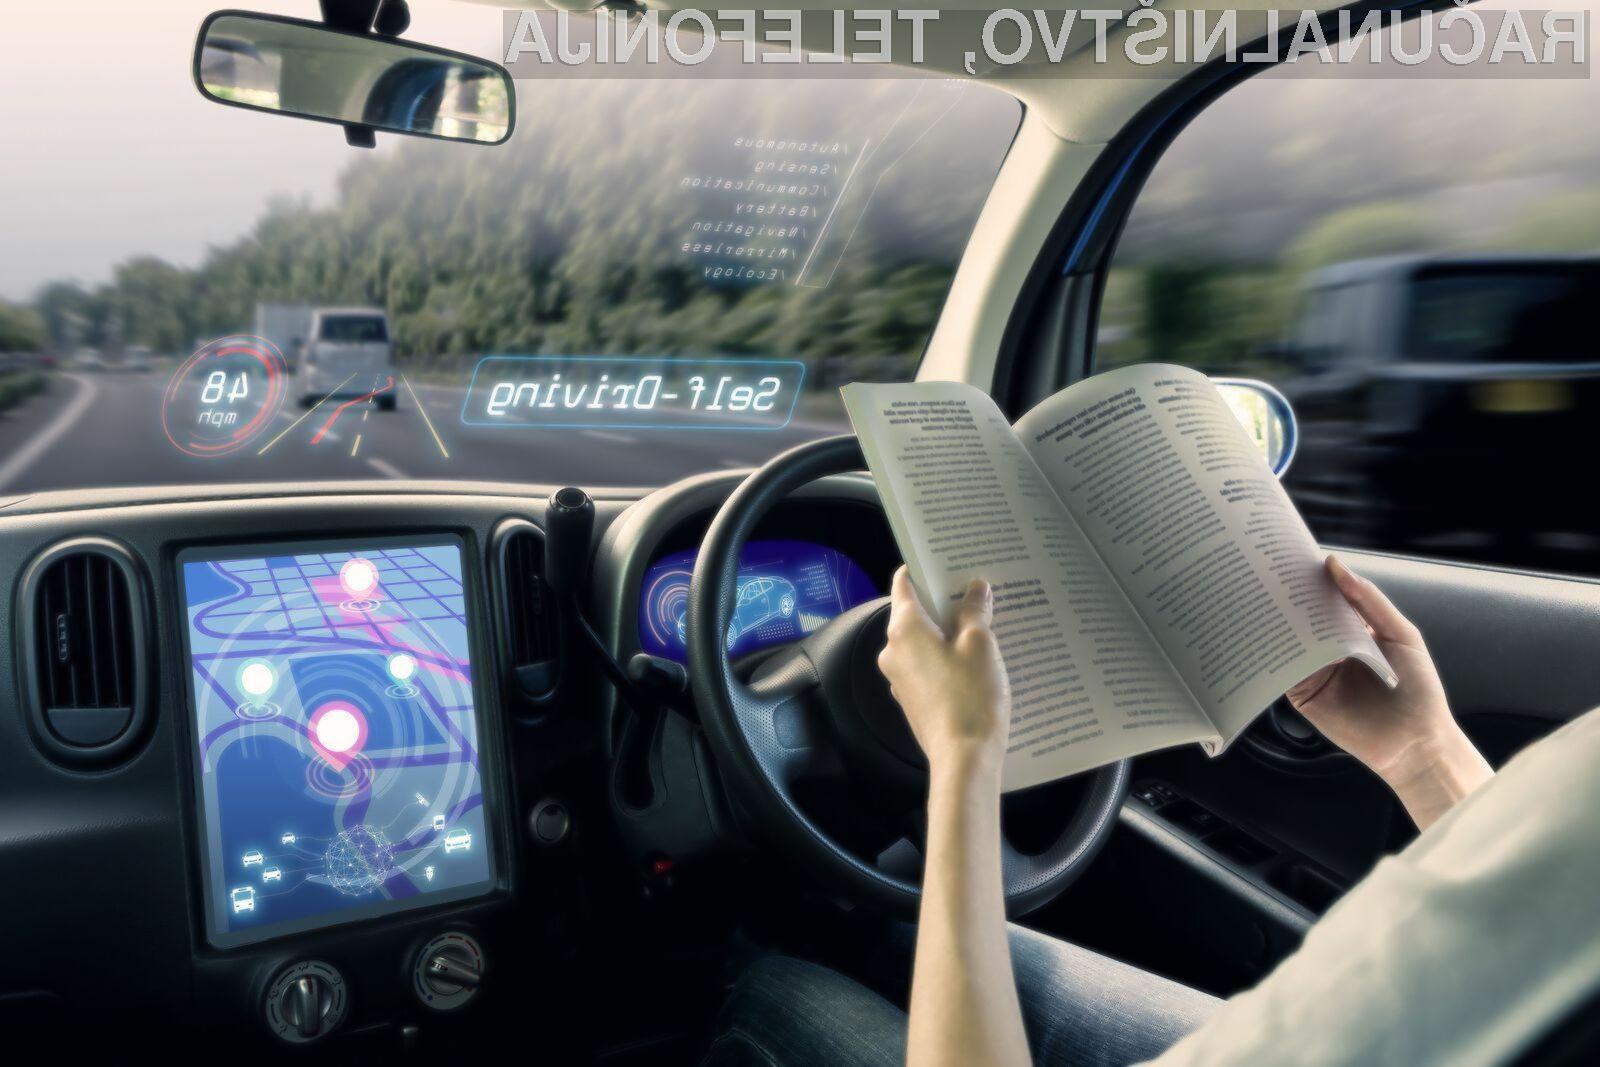 Prihodnost avtonomnih vozil je bolj kot ne še vedno vprašljiva!